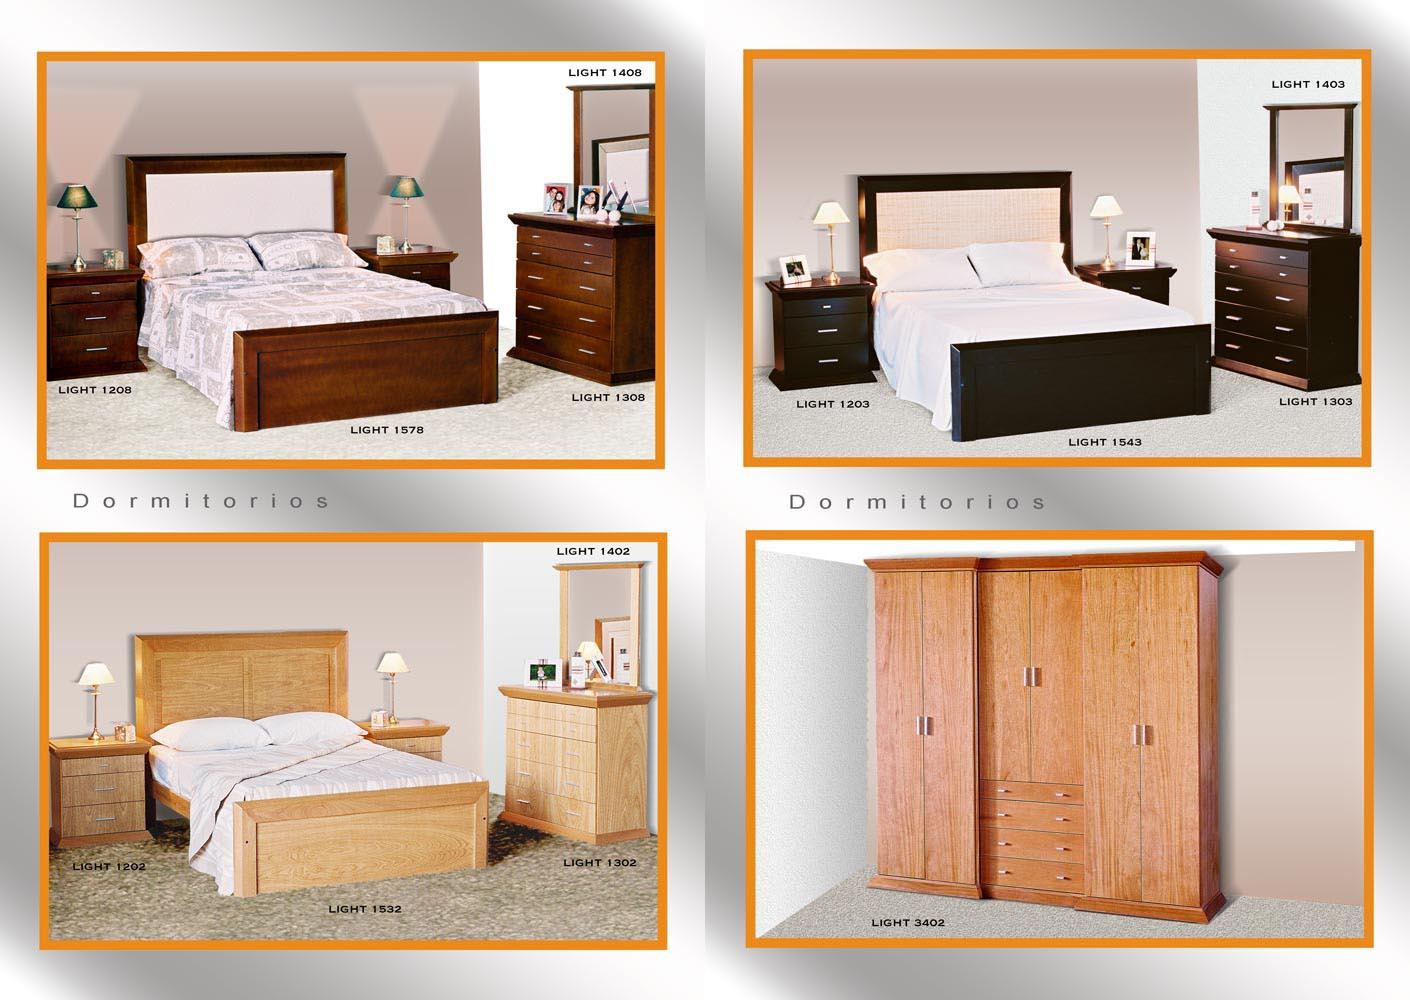 Muebles bongiorno venta de muebles en c rdoba for Muebles de dormitorio